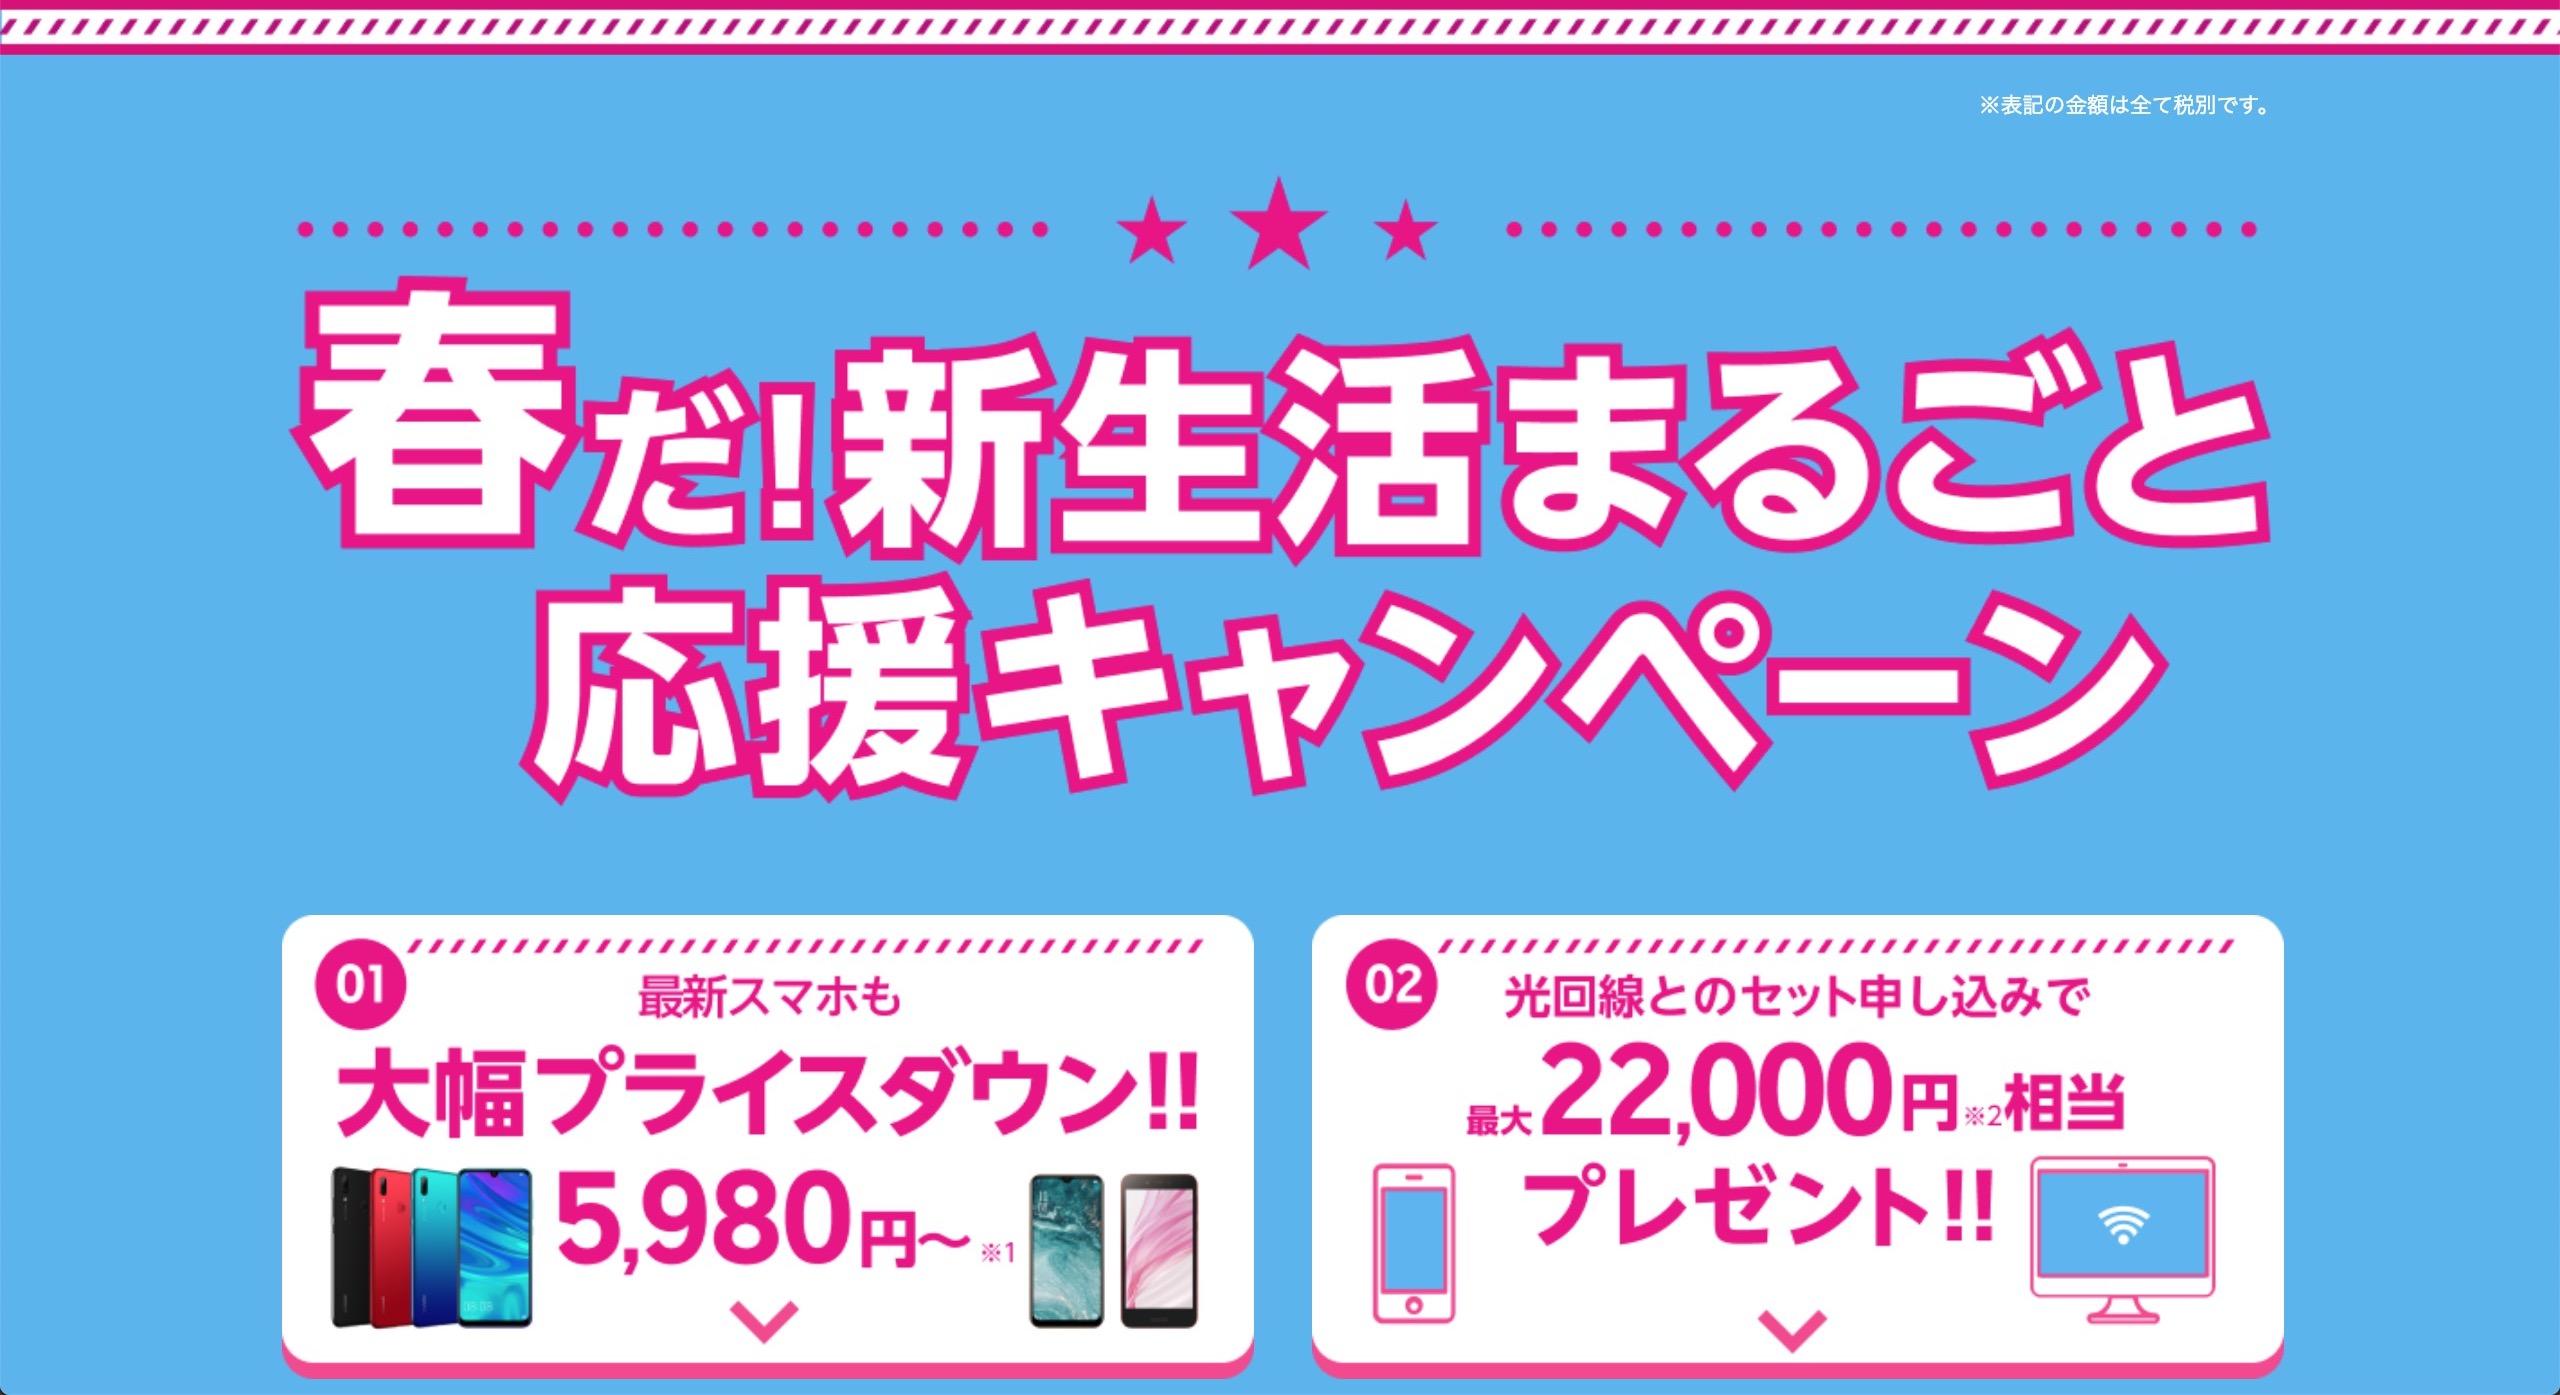 2月発売のHUAWEI nova lite 3も9,980円に。楽天モバイルでスマホを大幅値引き